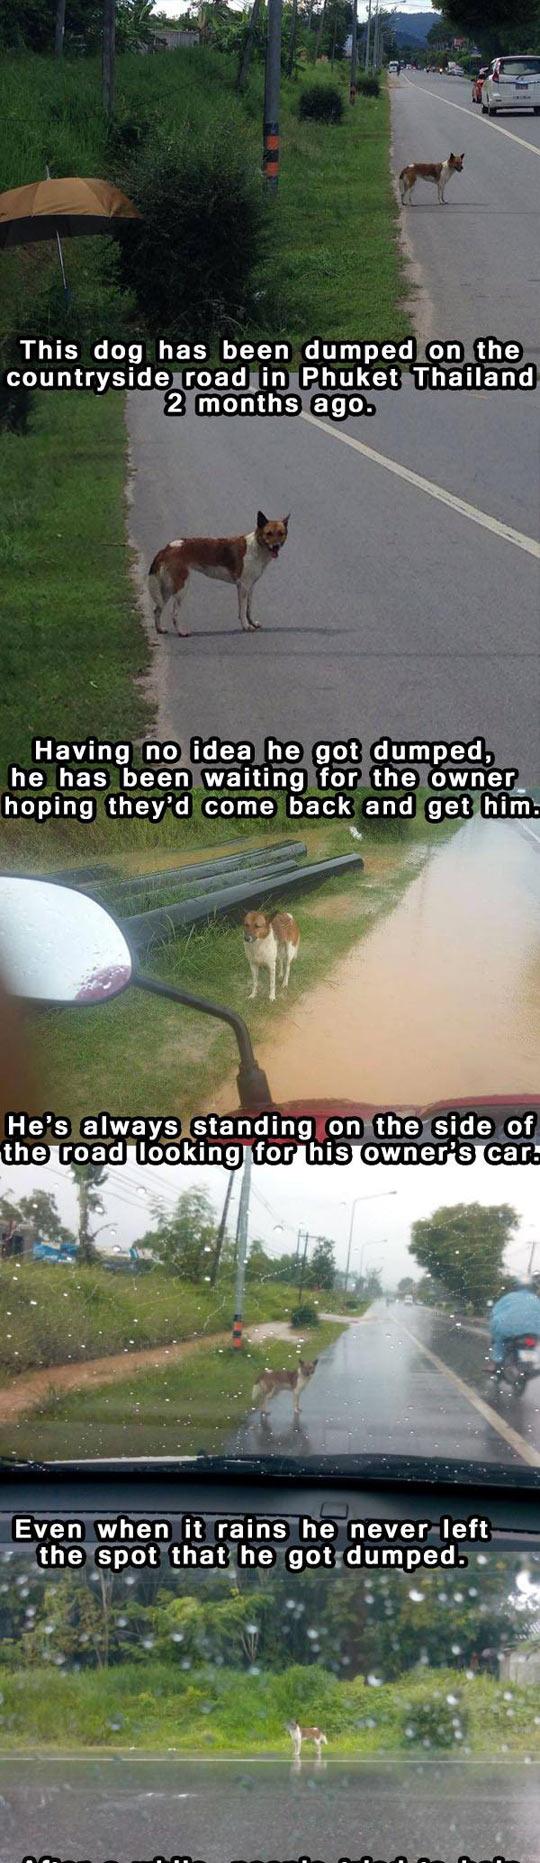 funny-dog-dumped-aside-road-umbrella-shelter